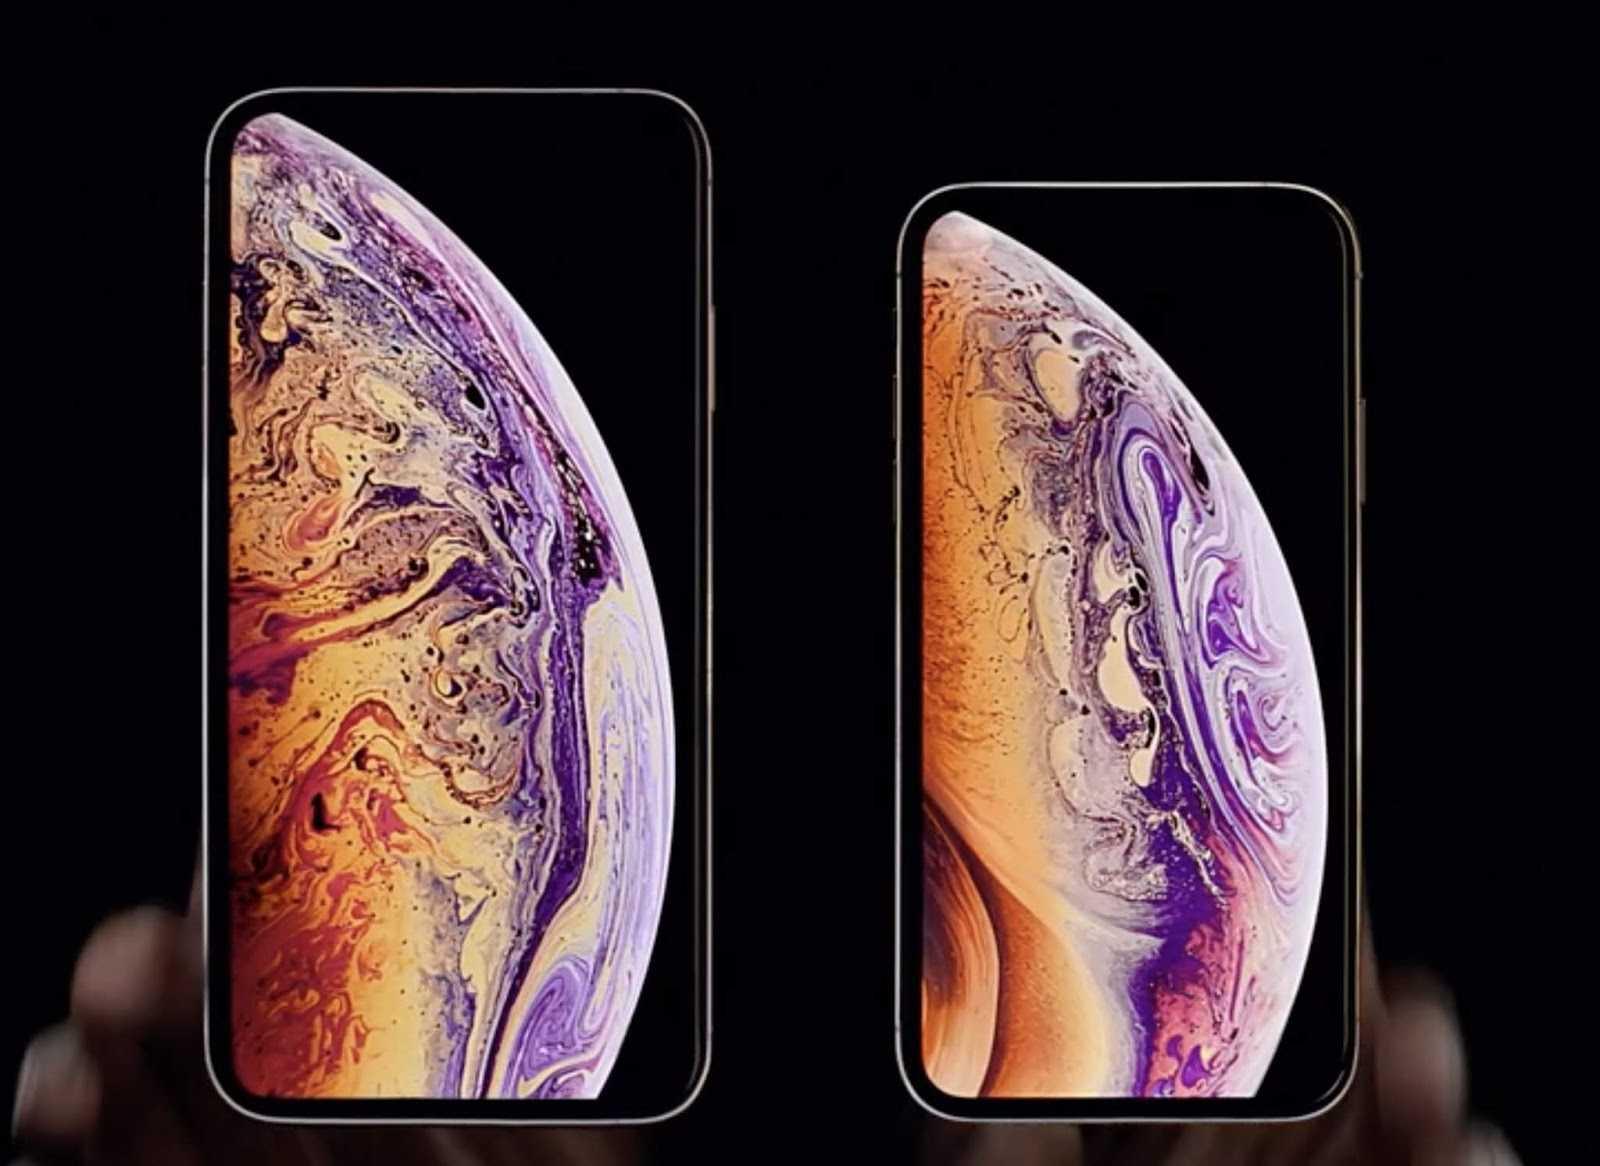 Iphone demo (витринный айфон): что это, можно ли купить и чем отличается от обычного? | новости apple. все о mac, iphone, ipad, ios, macos и apple tv